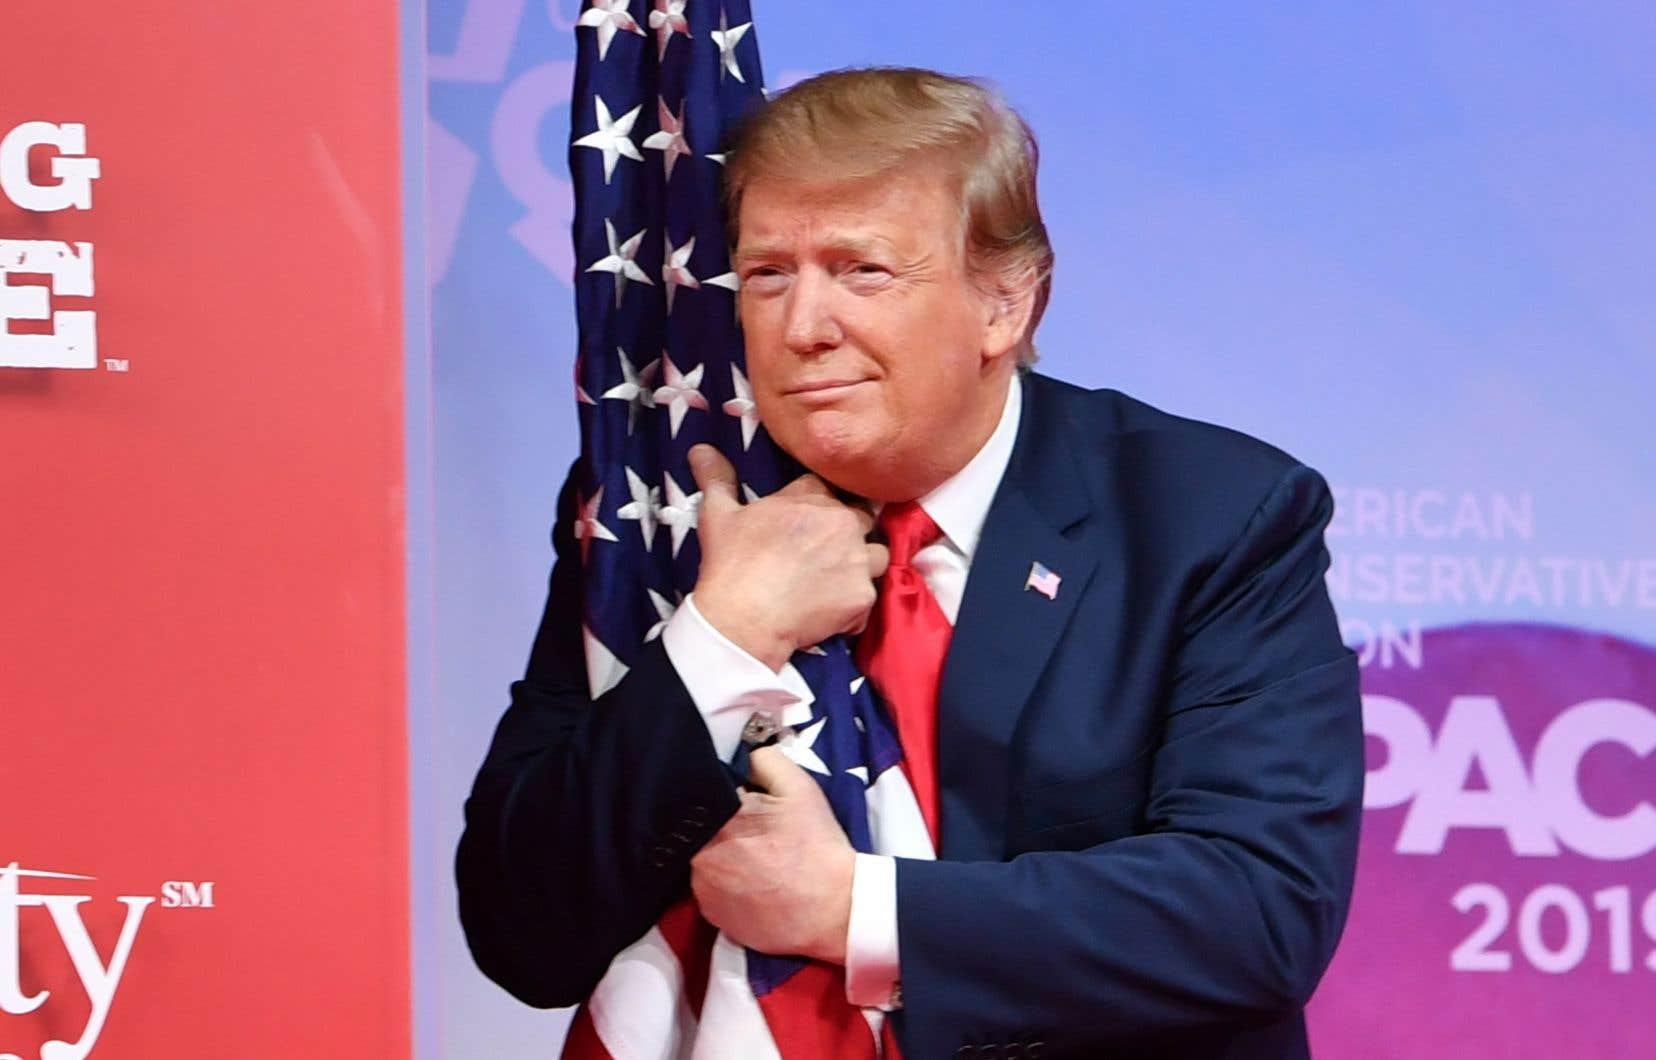 Le président américain Donald Trump a livré samedi lors du grand rendez-vous annuel des conservateurs ce qui s'apparentait à un discours fleuve de campagne.